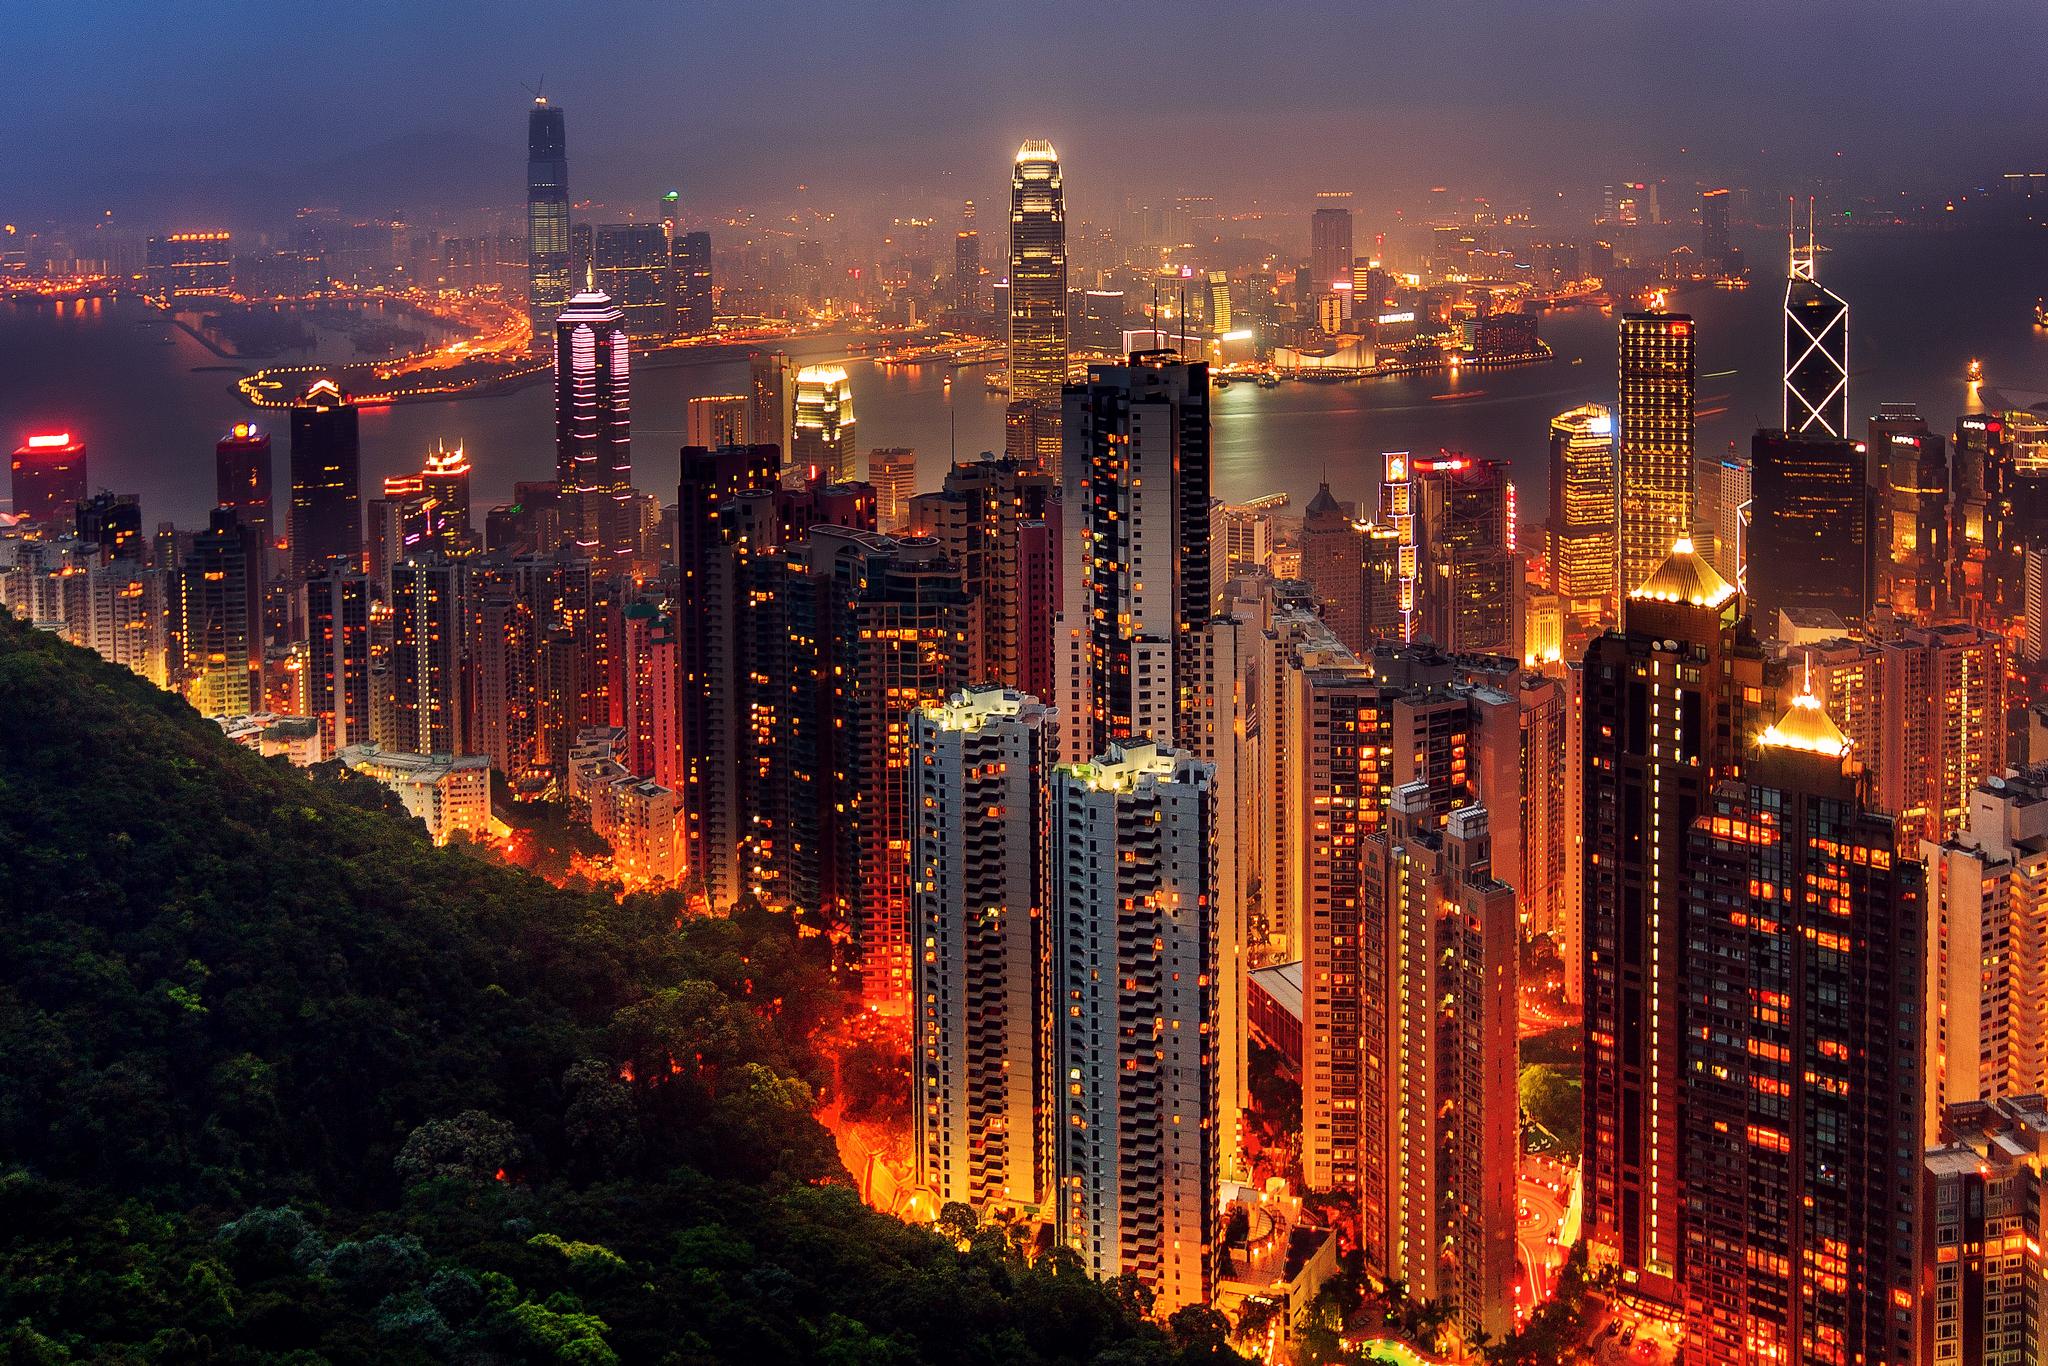 страны архитектура ночь Гонконг  № 1481631 загрузить